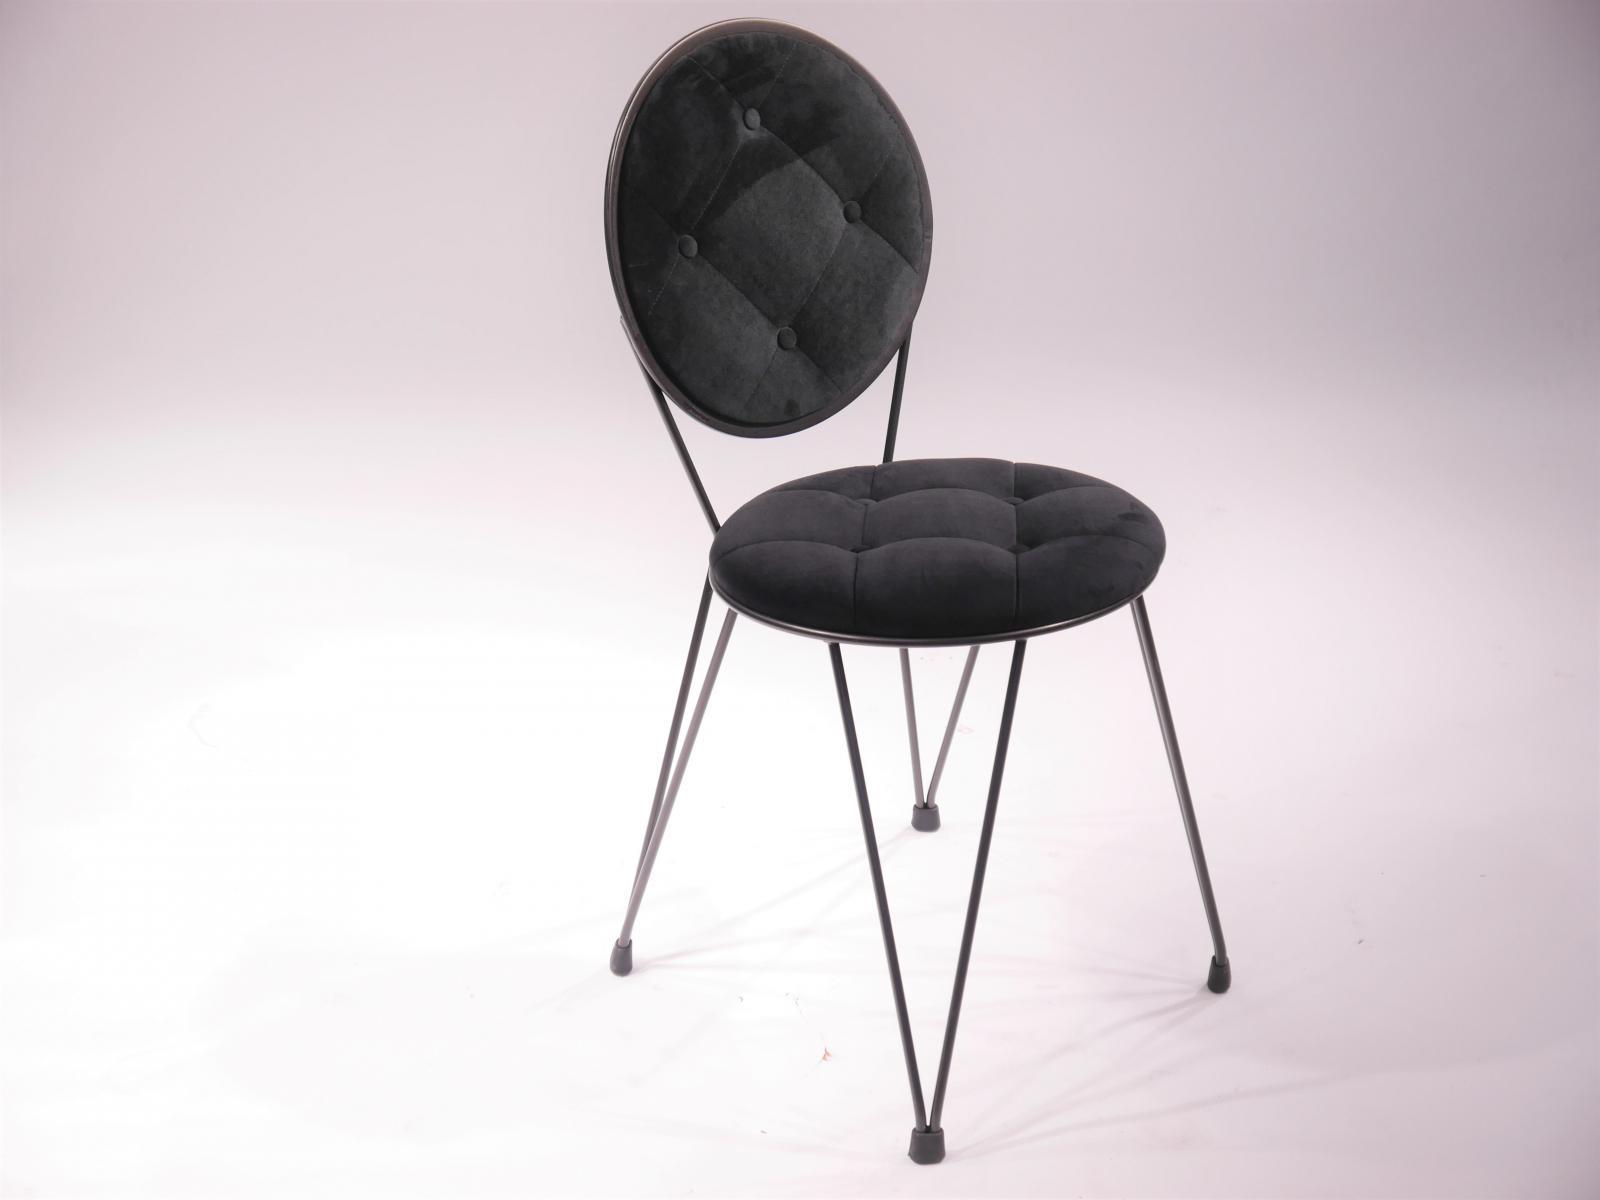 Silla Mariona tapizado respaldo y asiento en falso capitone y botones estructura hierro barnizado